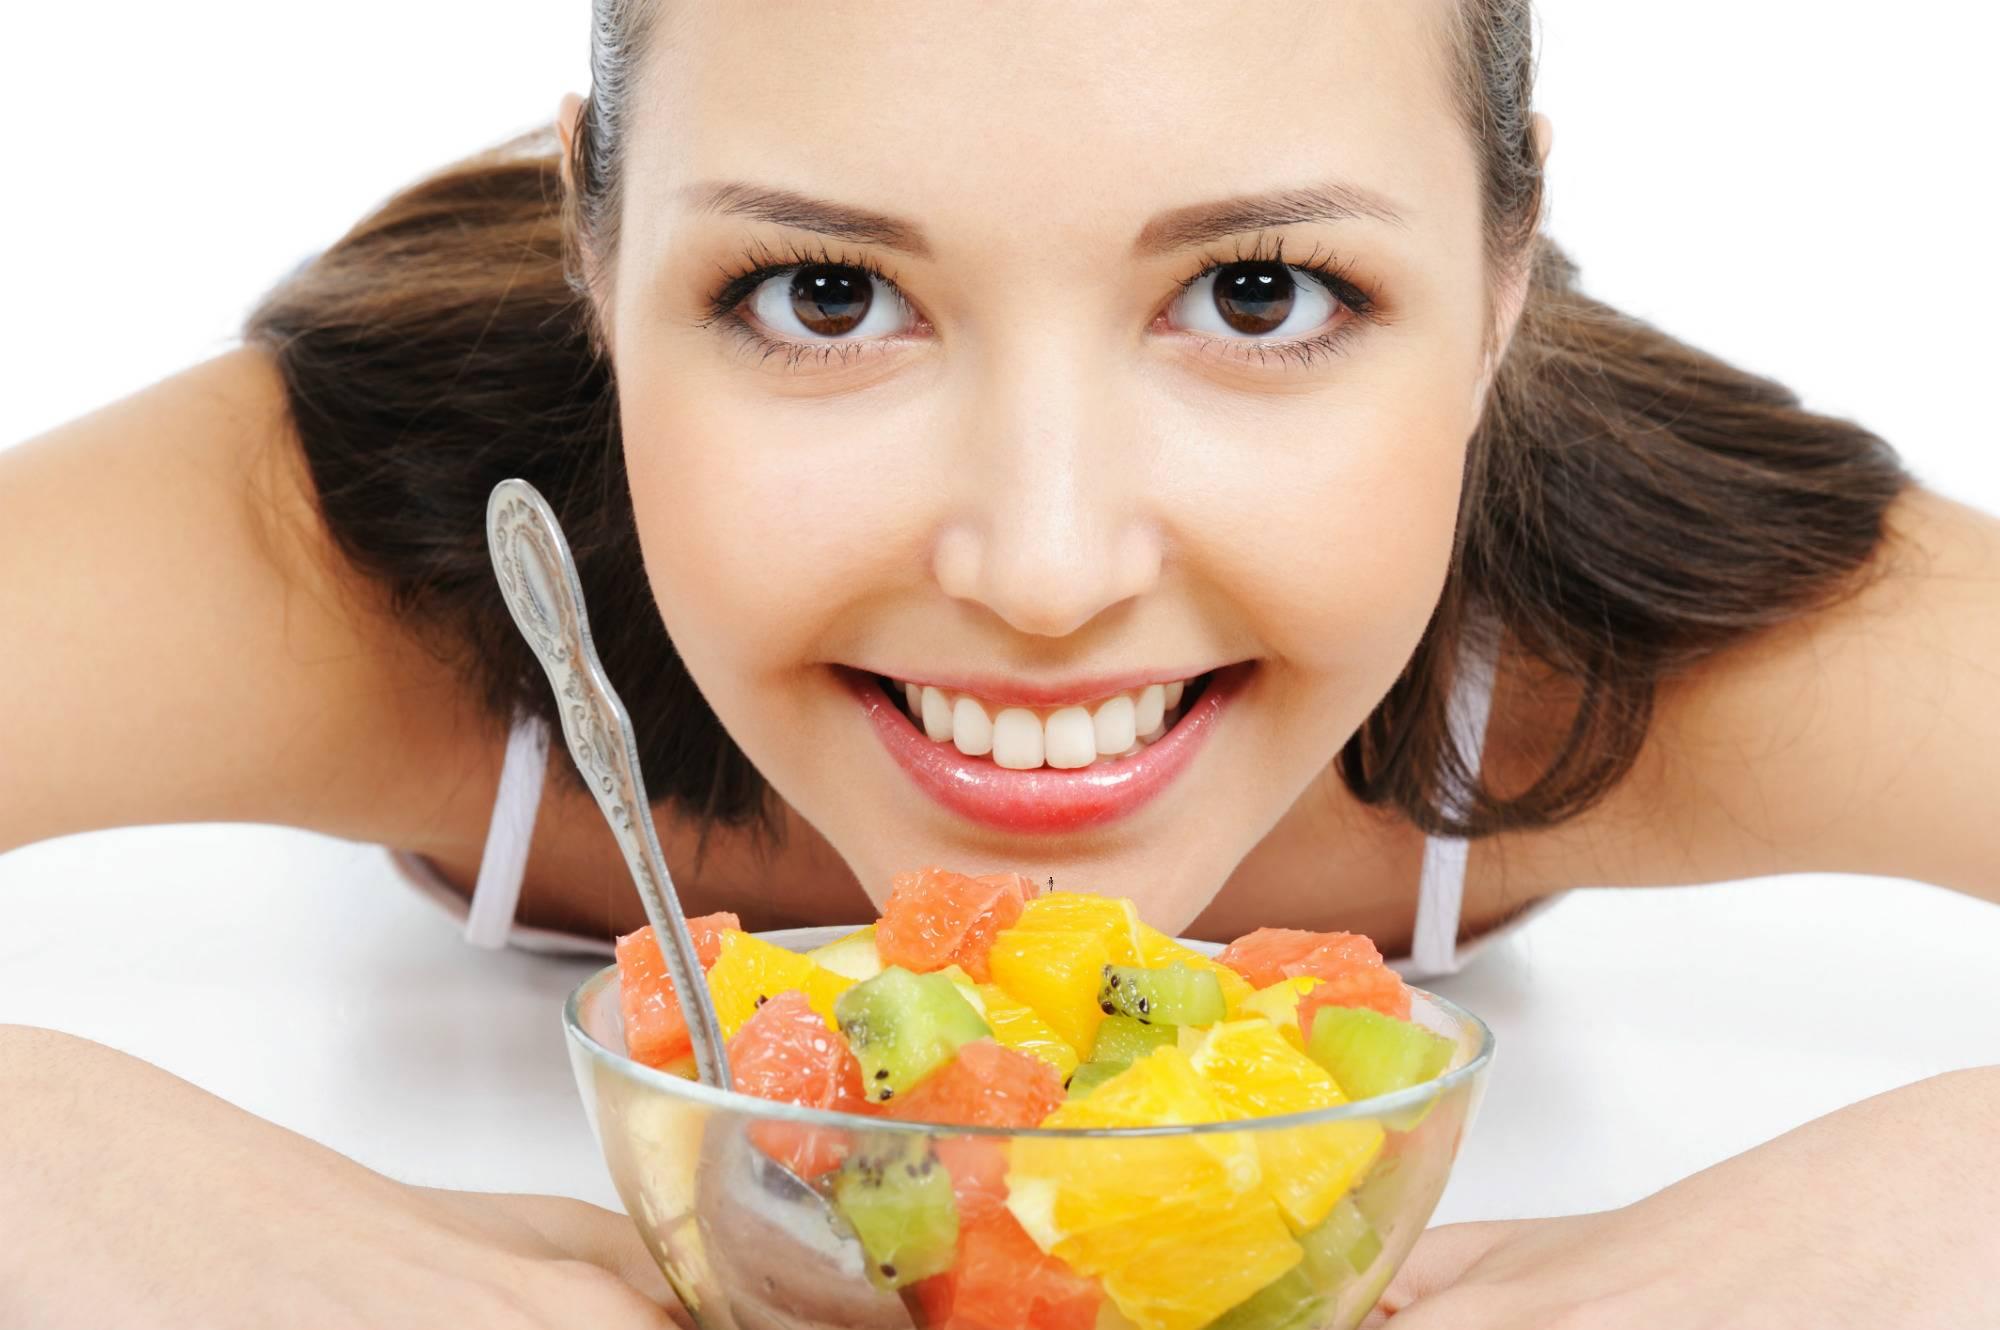 Как улучшить состояние кожи лица при помощи правильного питания. восстановление эластичности кожных покровов. энергетический напиток «как улучшить состояние кожи»